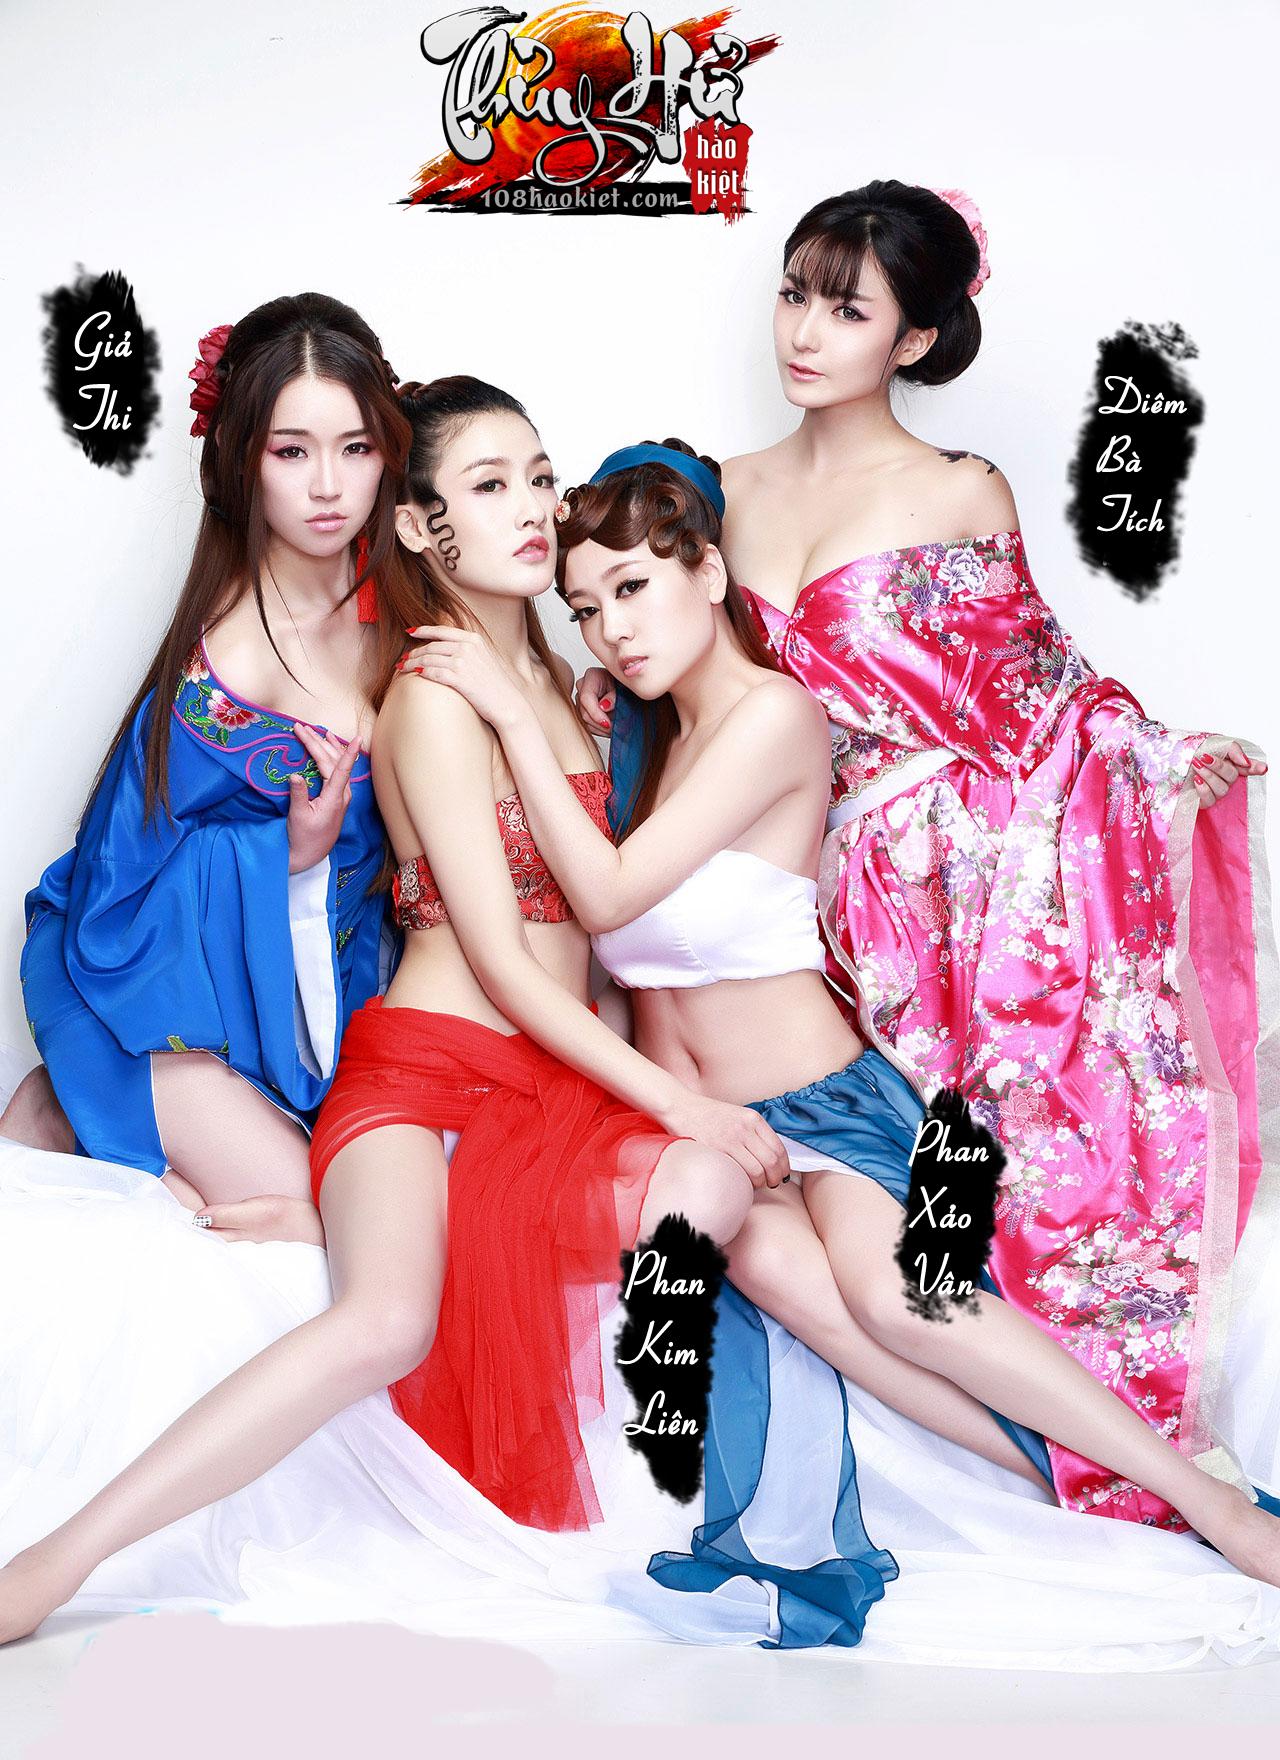 """Ngắm cosplay """"xôi thịt"""" của Thủy Hử Hào Kiệt - Ảnh 11"""